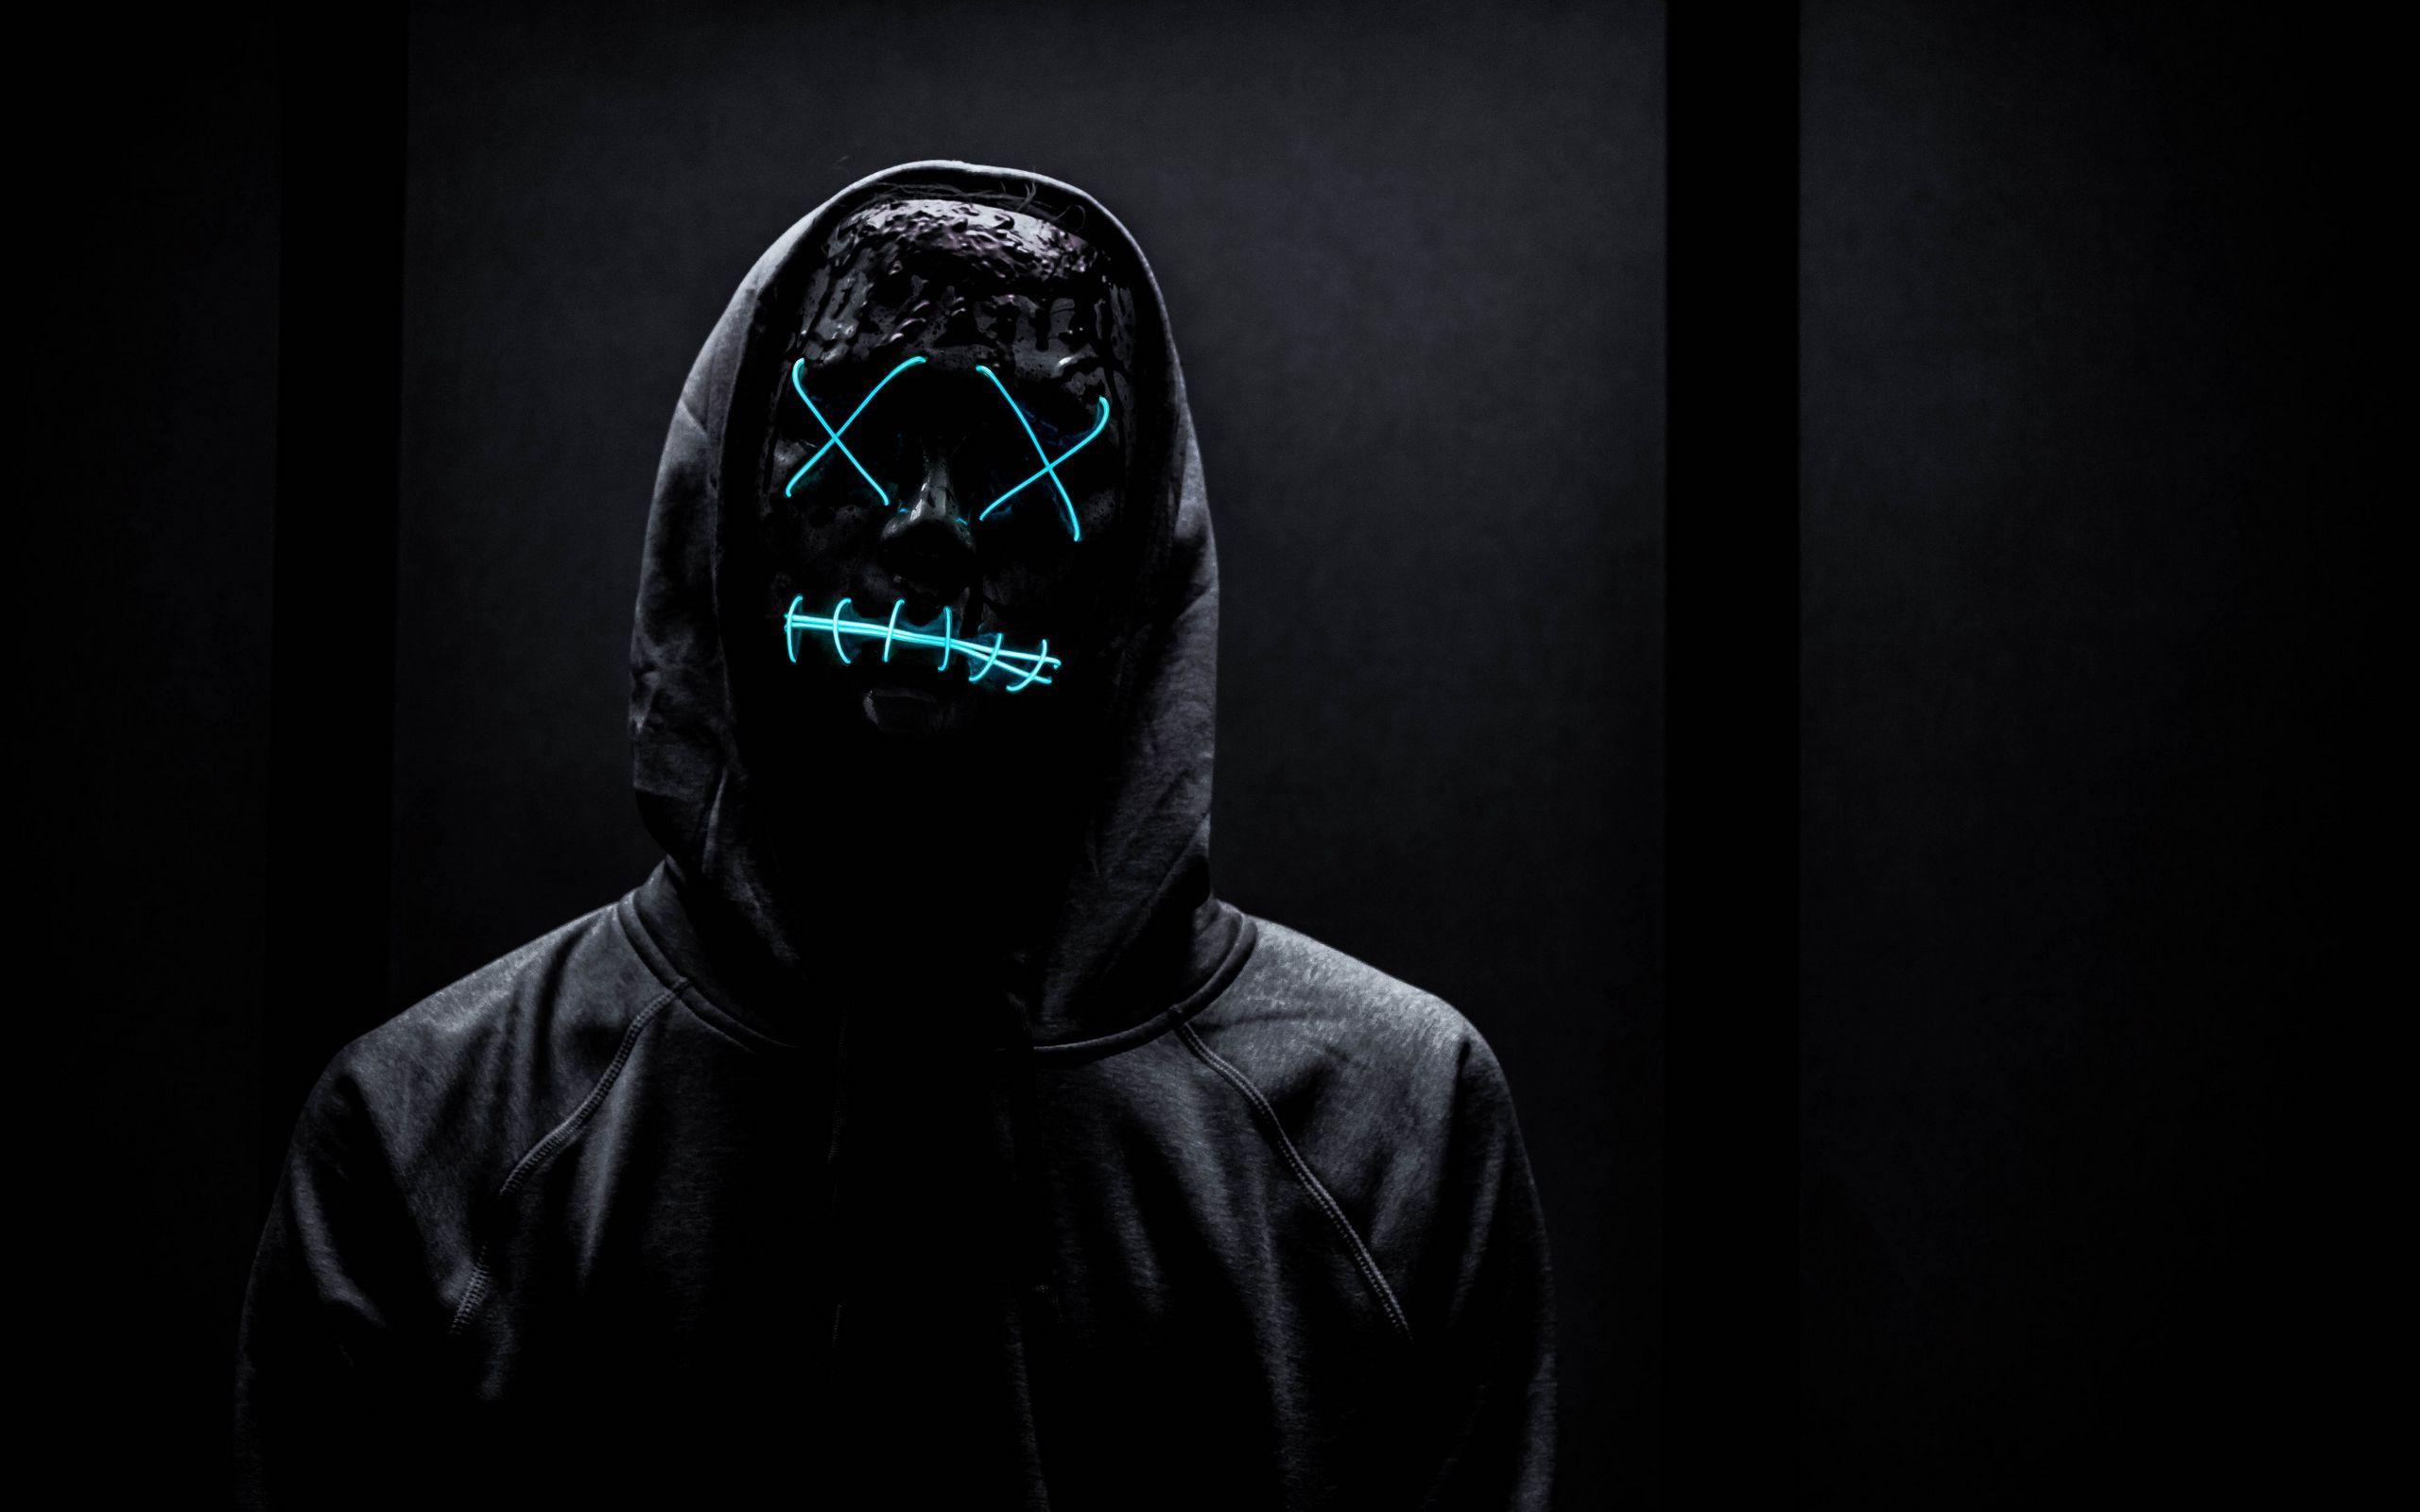 2560x1600 Wallpaper mask, neon, anonymous, black